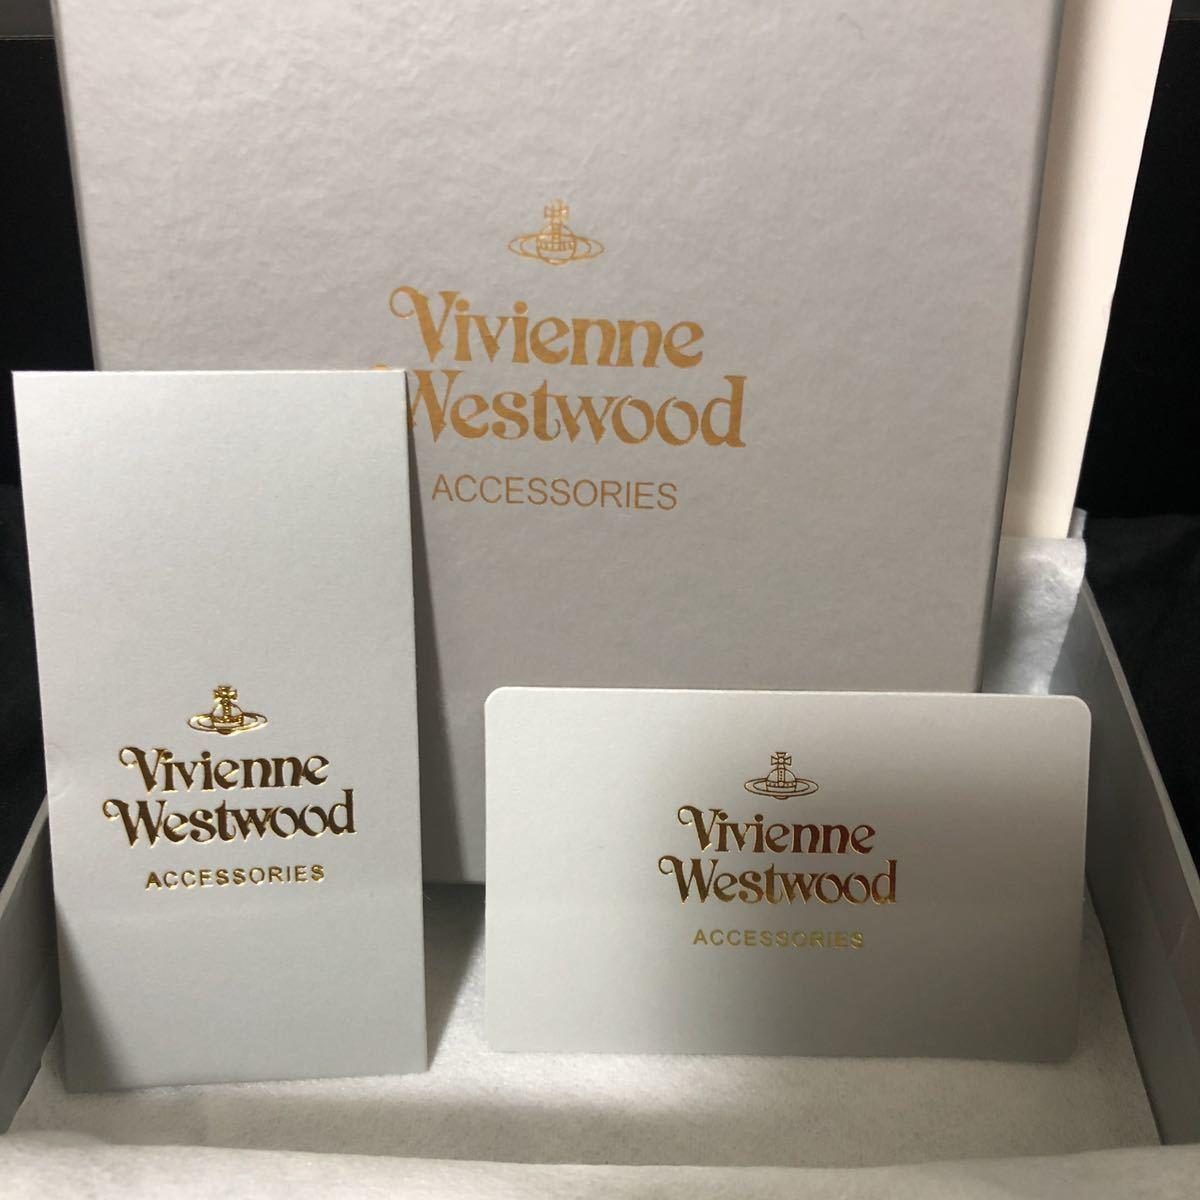 ヴィヴィアンウエストウッド 長財布 レッド ブルー Vivienne Westwood 純正箱付き